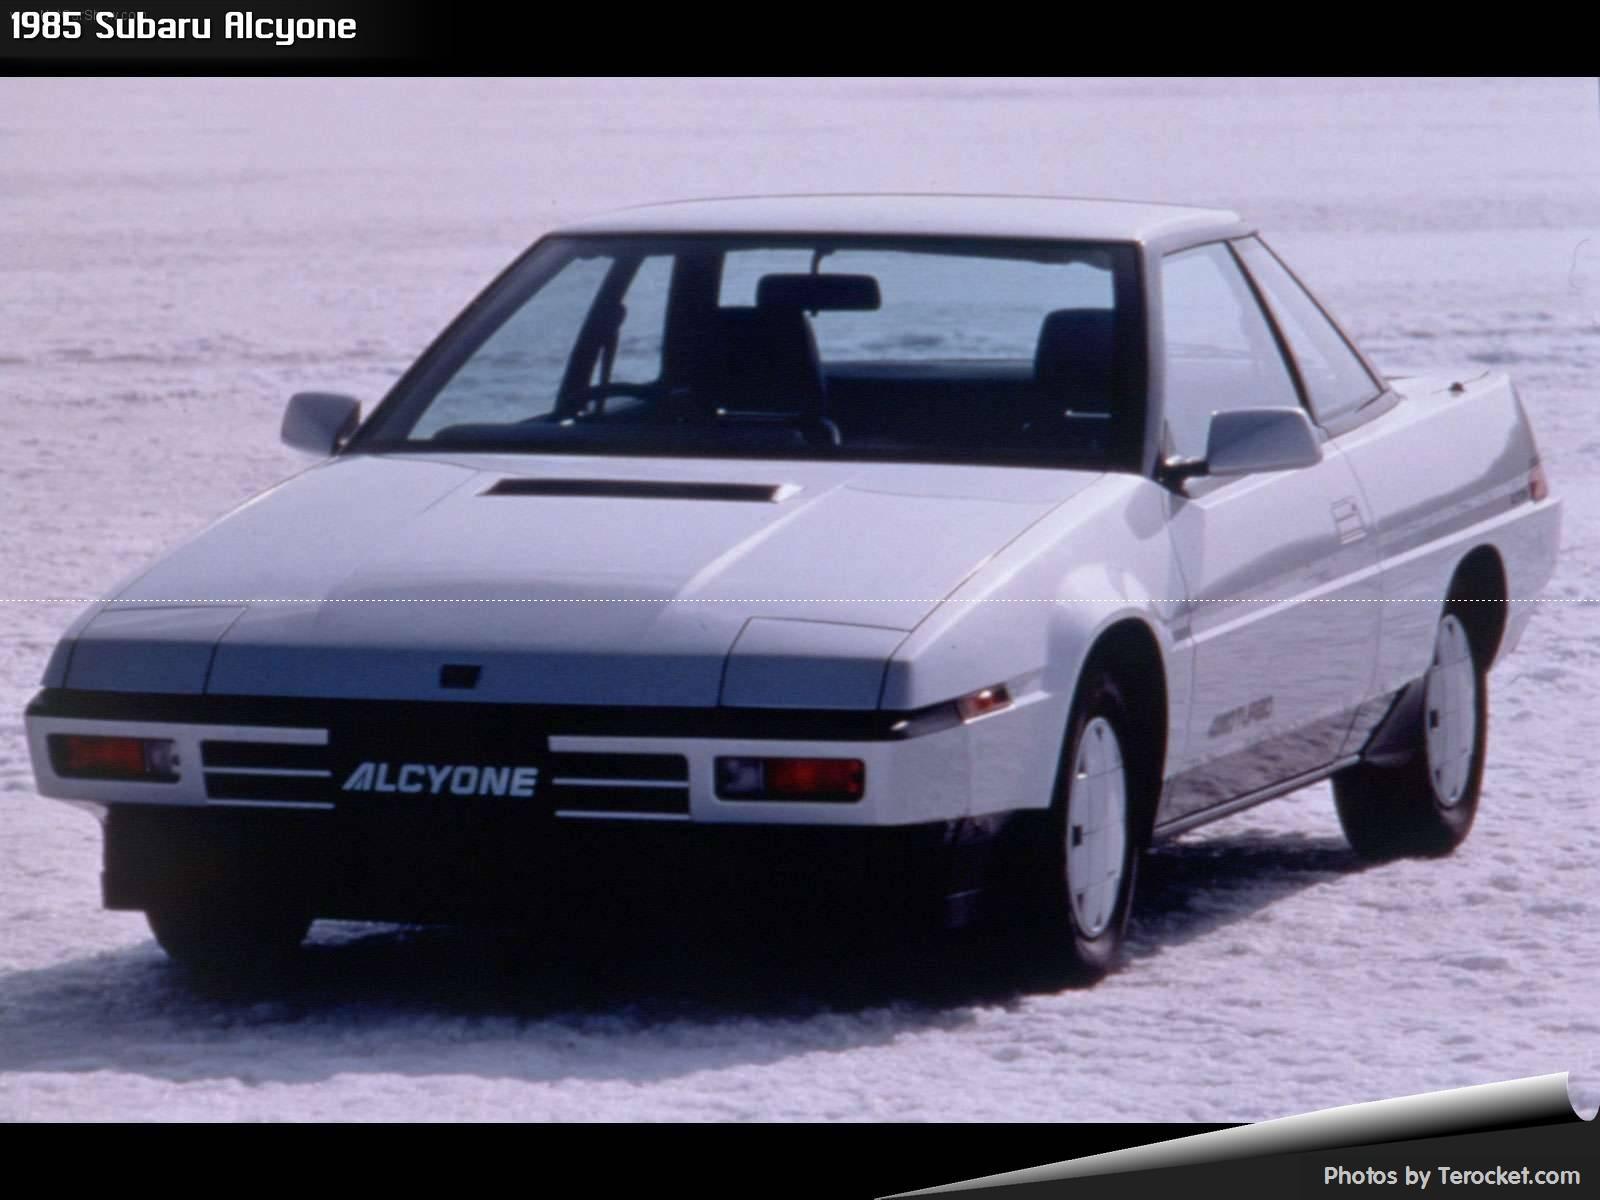 Hình ảnh xe ô tô Subaru Alcyone 1985 & nội ngoại thất